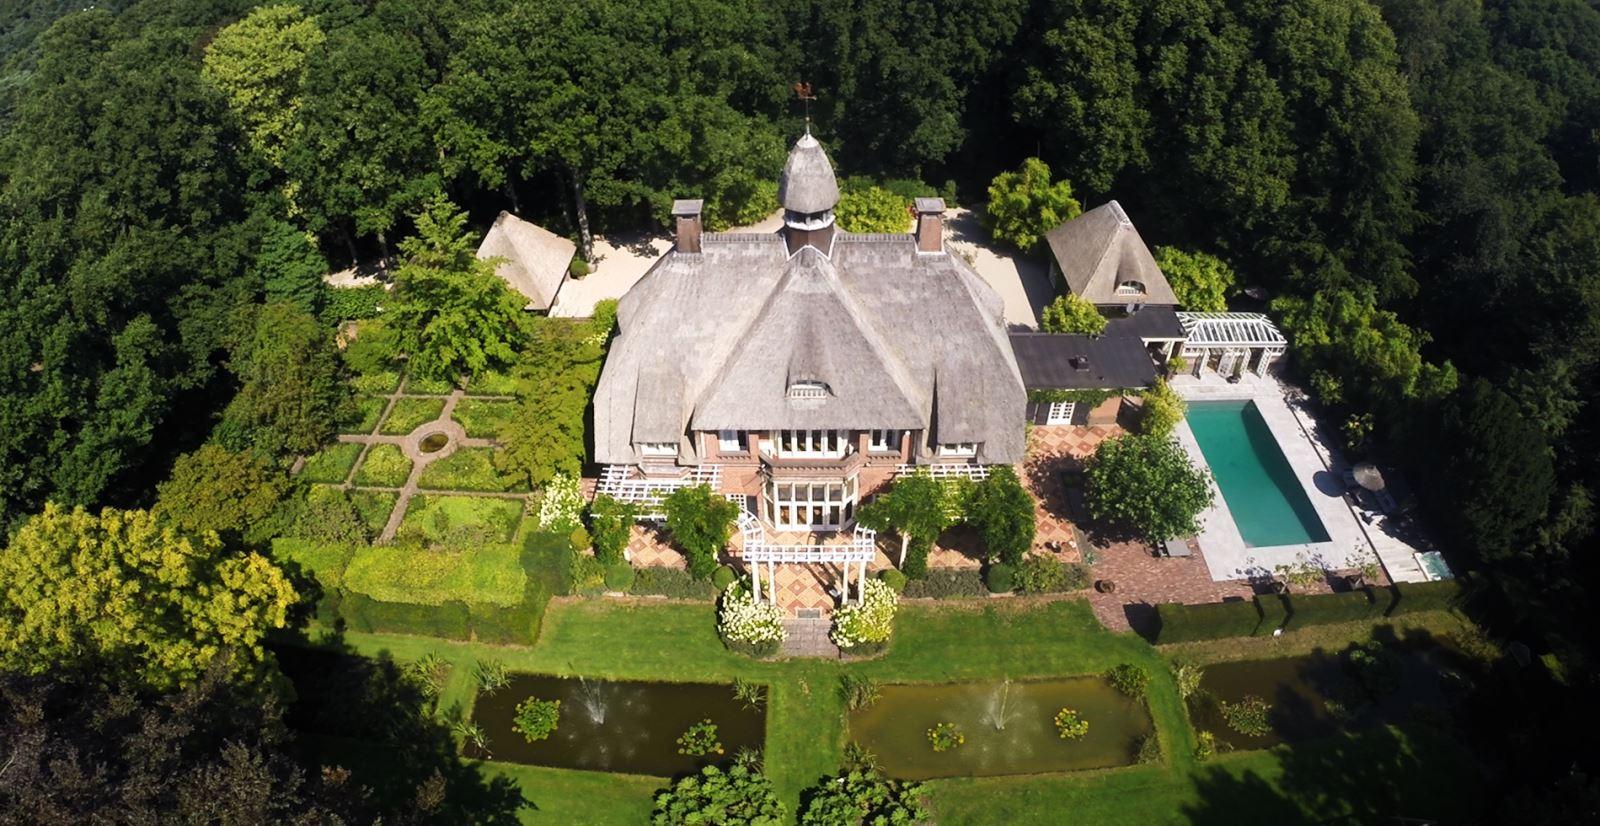 Foutje telegraaf d t is het duurste huis interveste infonet - Mooie huis foto ...